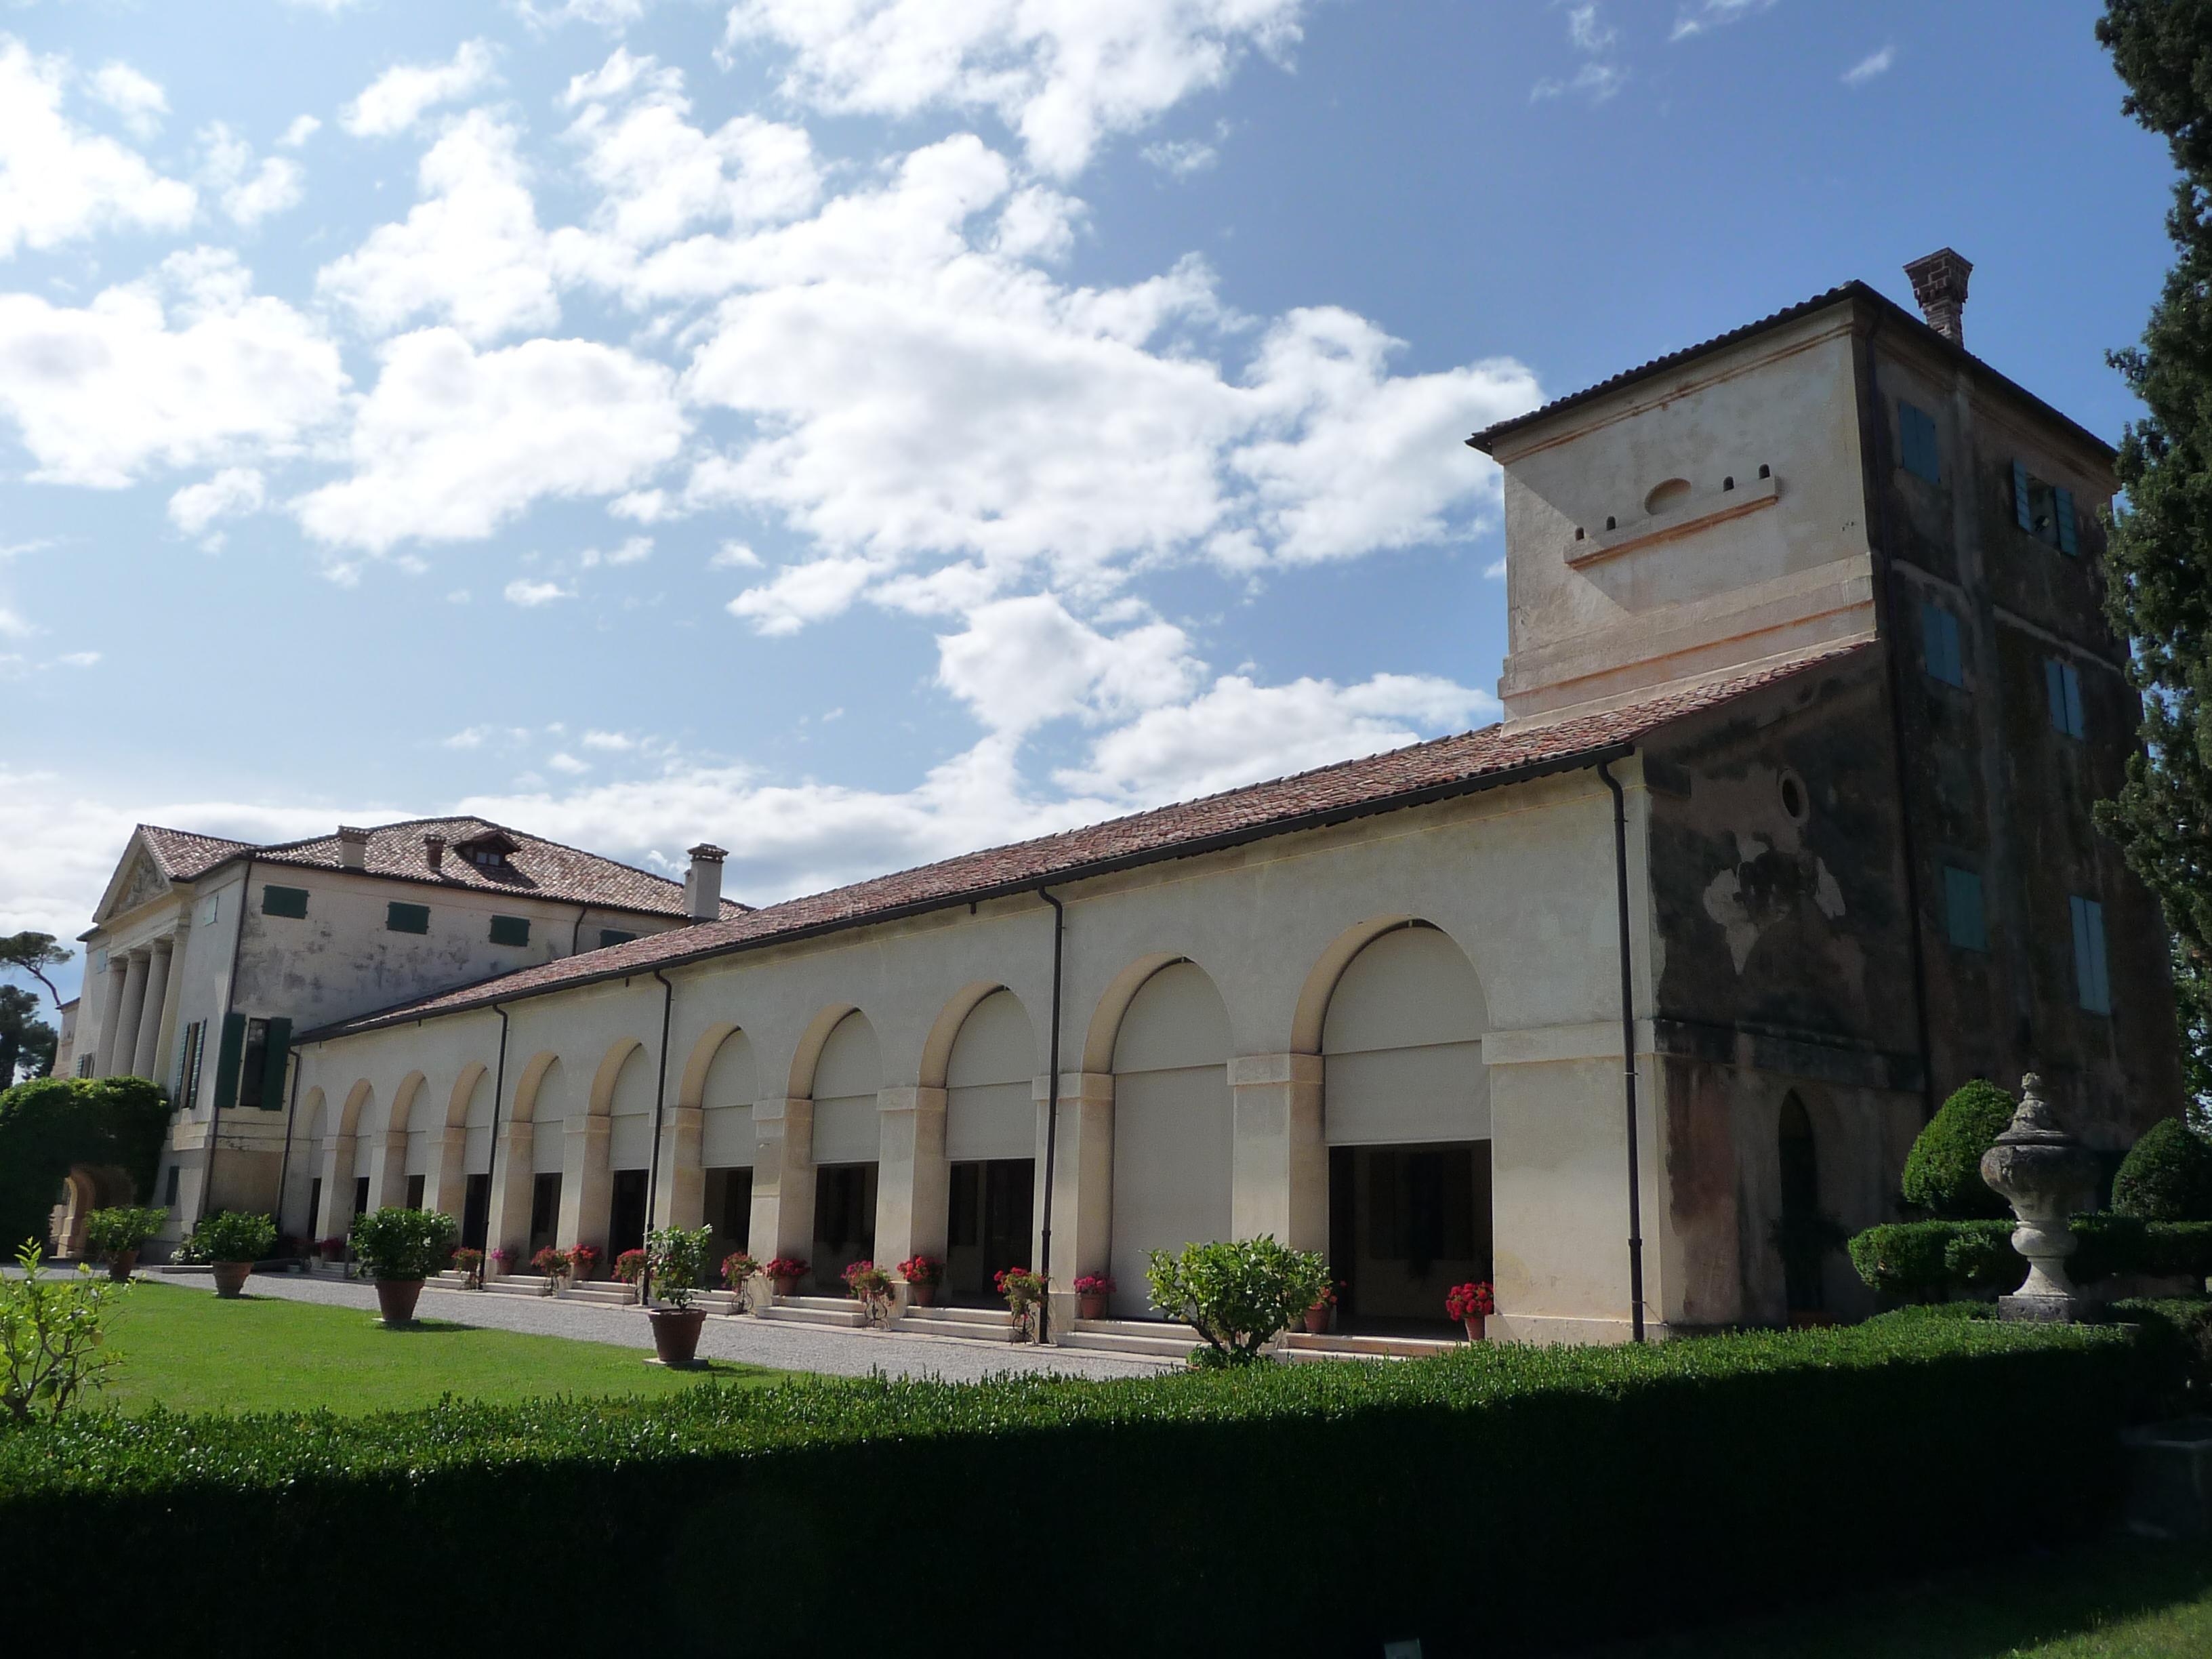 Villa emo image 50 for Heimeier italia